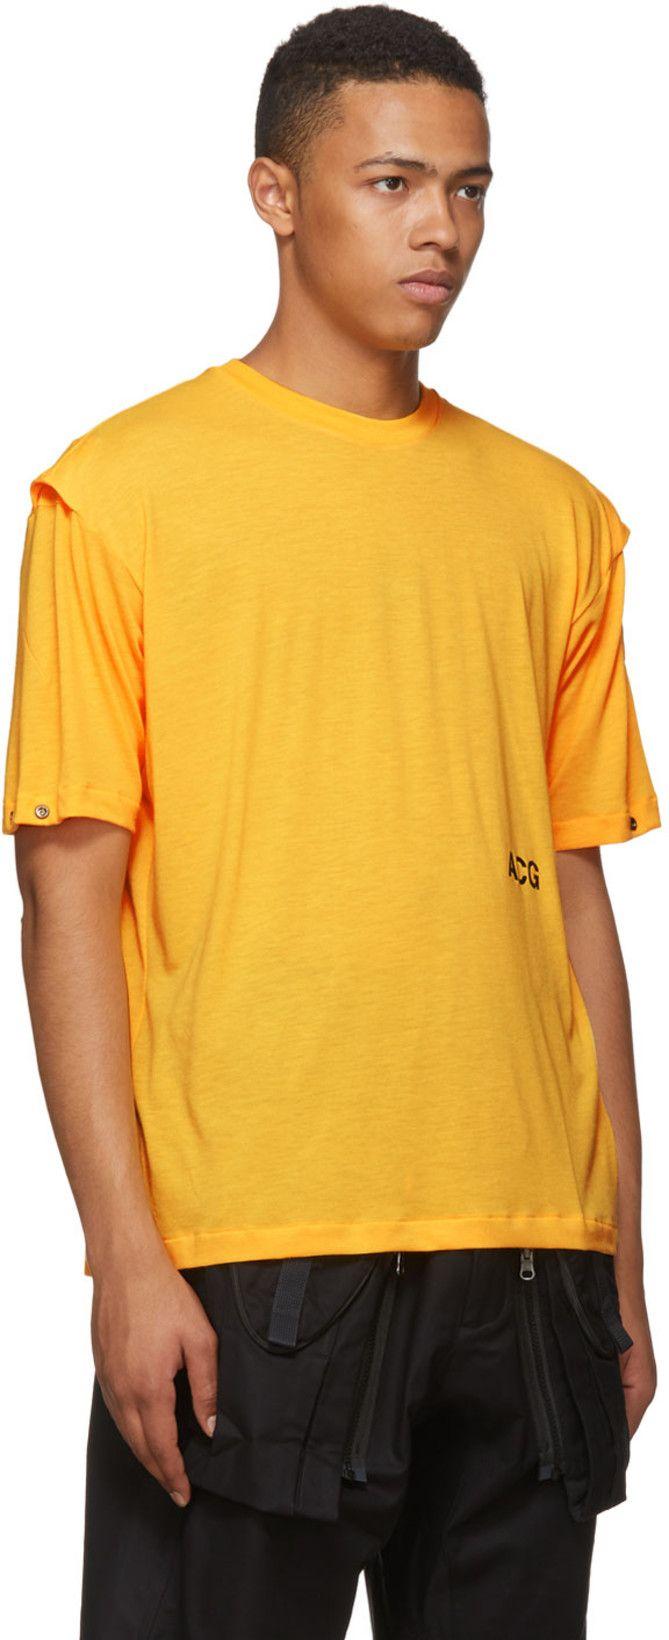 580974cb NikeLab - Orange NRG ACG Variable T-Shirt | Tech Fashion | Mens tops ...